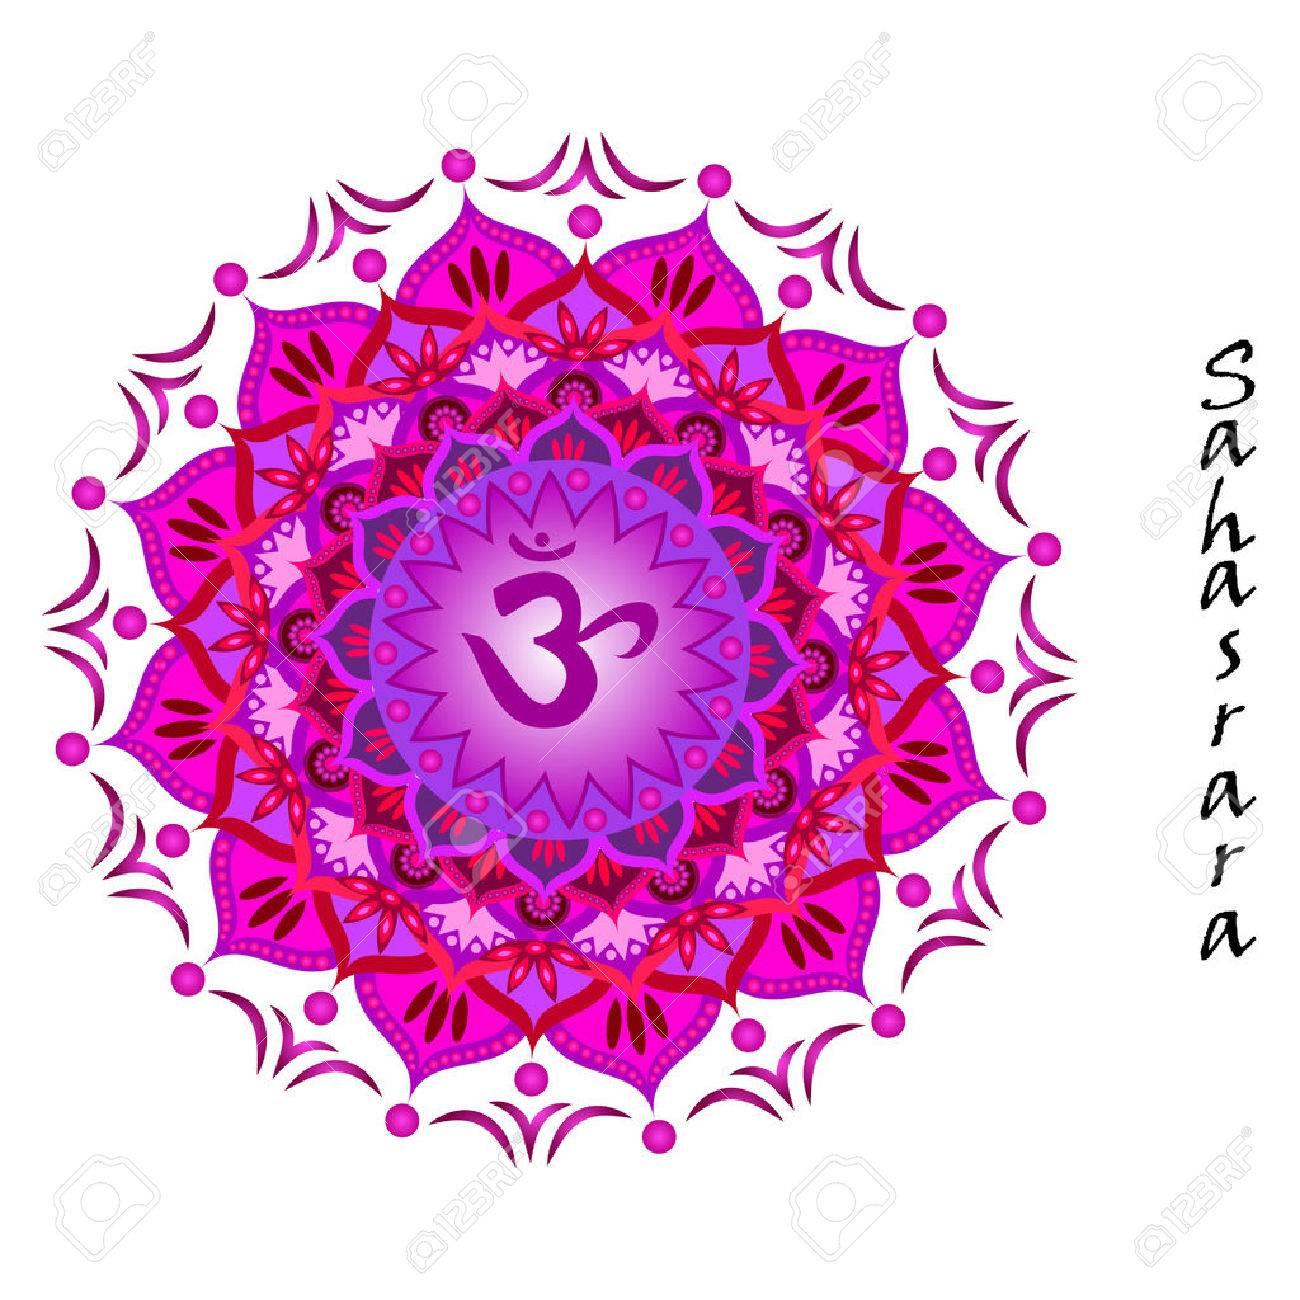 Lotus Flower Of Sahasrara Chakra Royalty Free Cliparts Vectors And